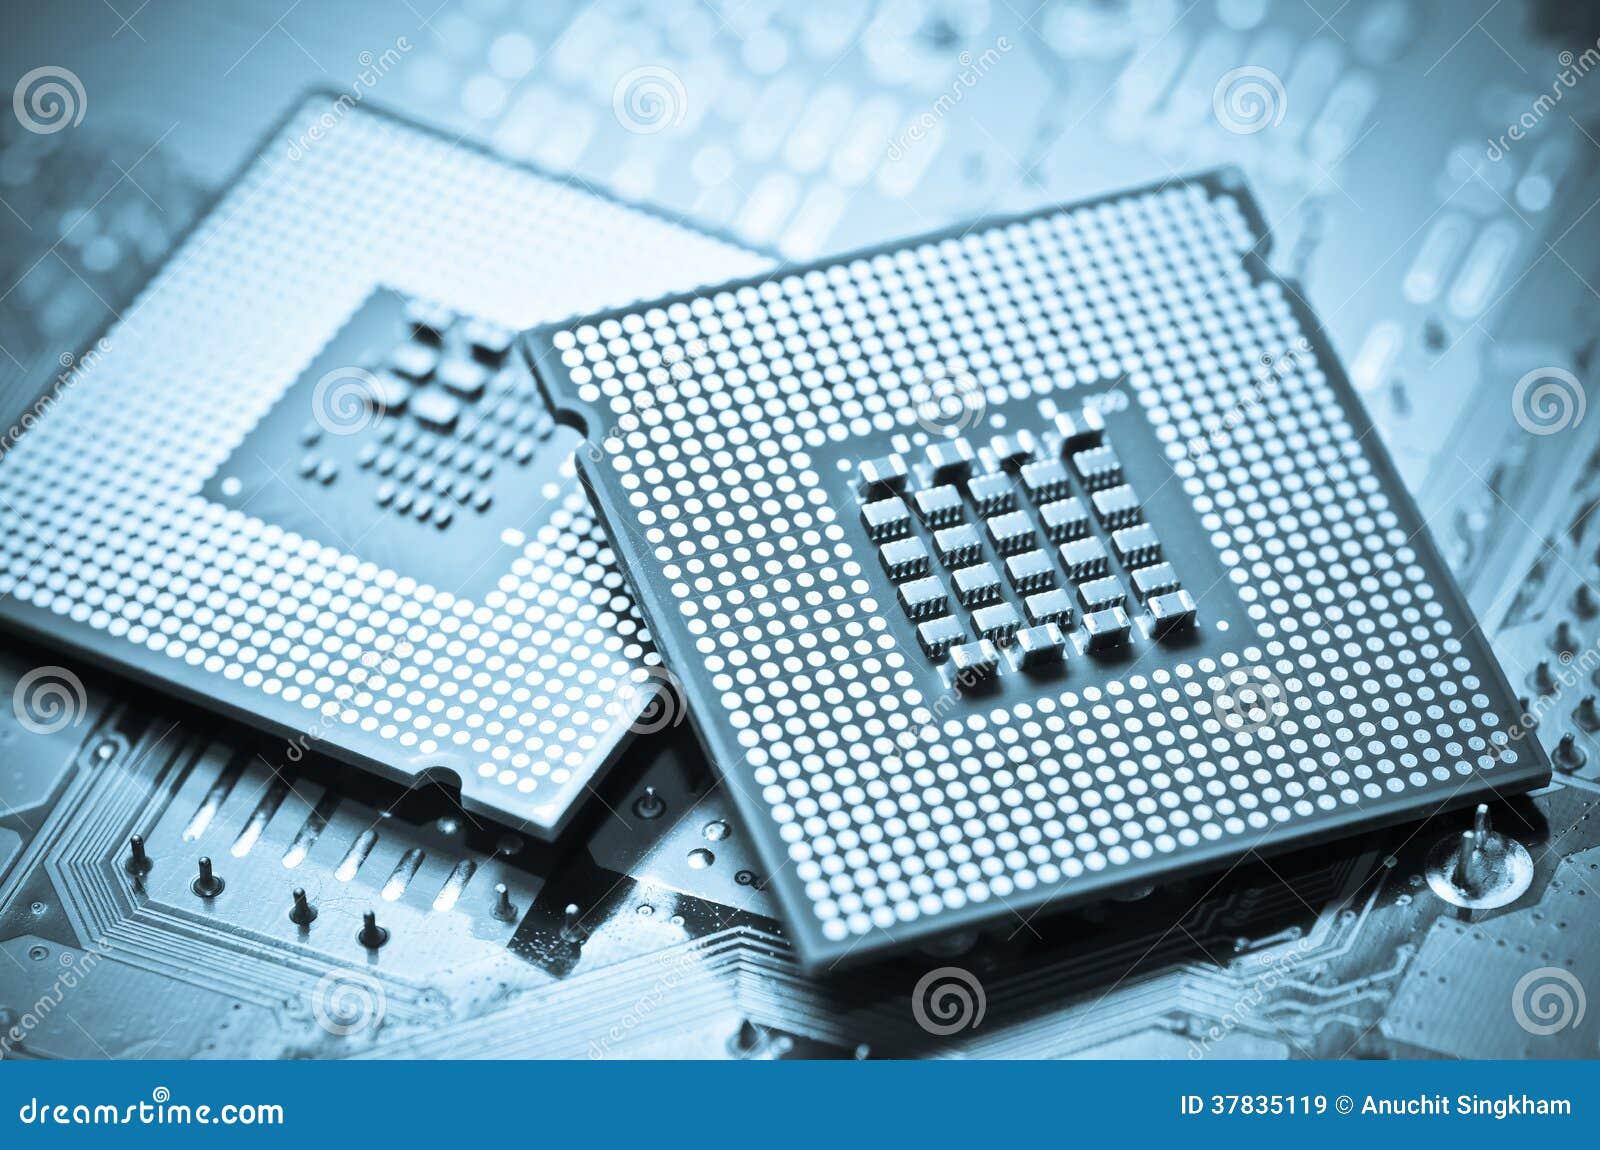 cpu性能天梯圖_高性能計算機與多cpu_手機 cpu性能排行